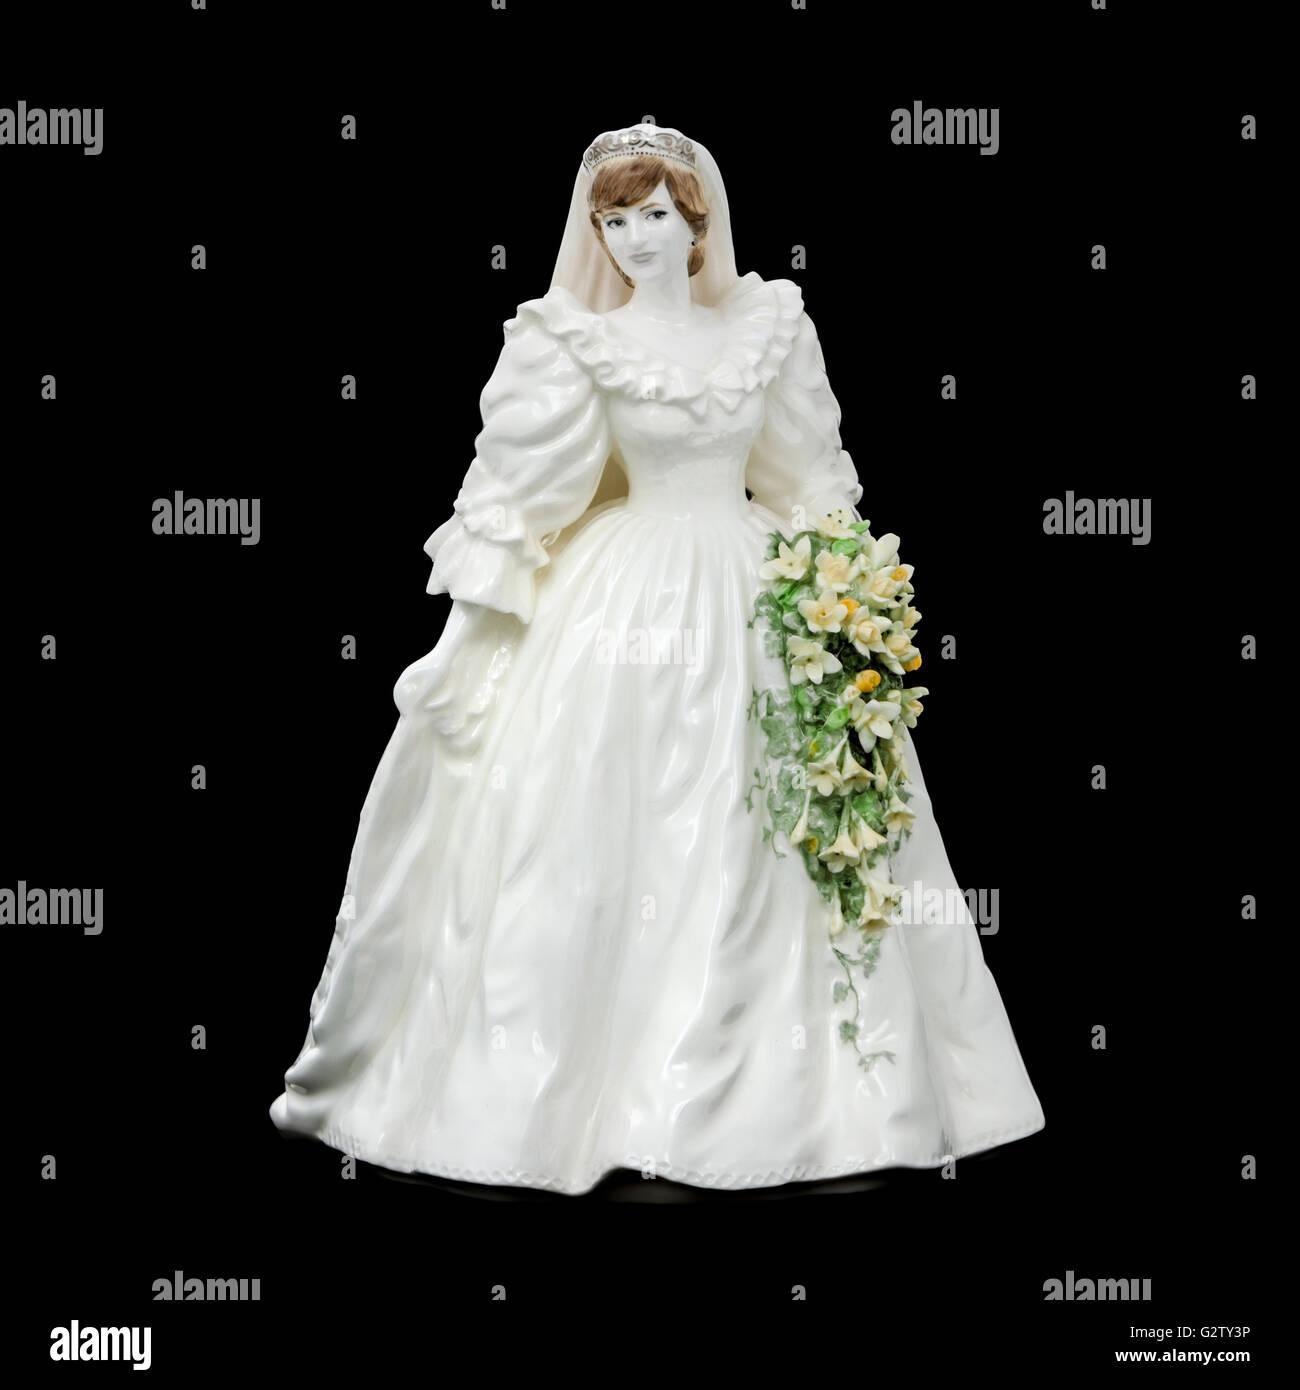 Princess Diana Wedding Dress Stockfotos & Princess Diana Wedding ...